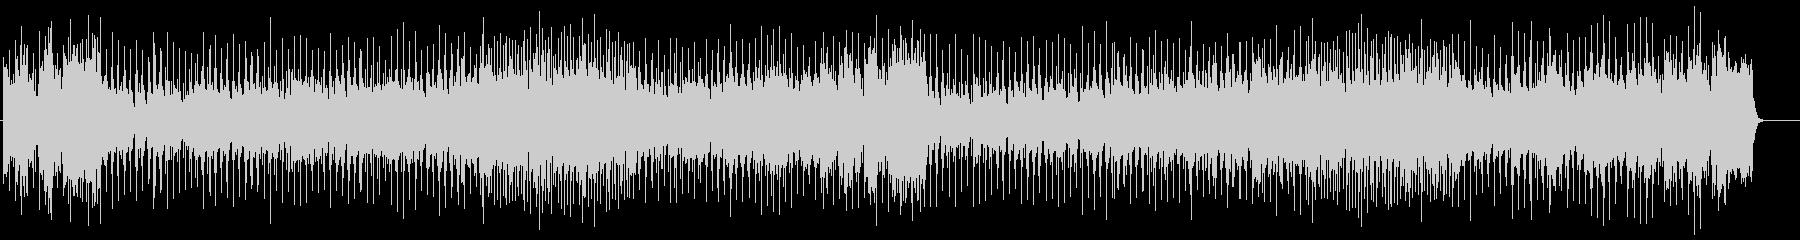 スピーチのBGMに最適なフュージョンの未再生の波形